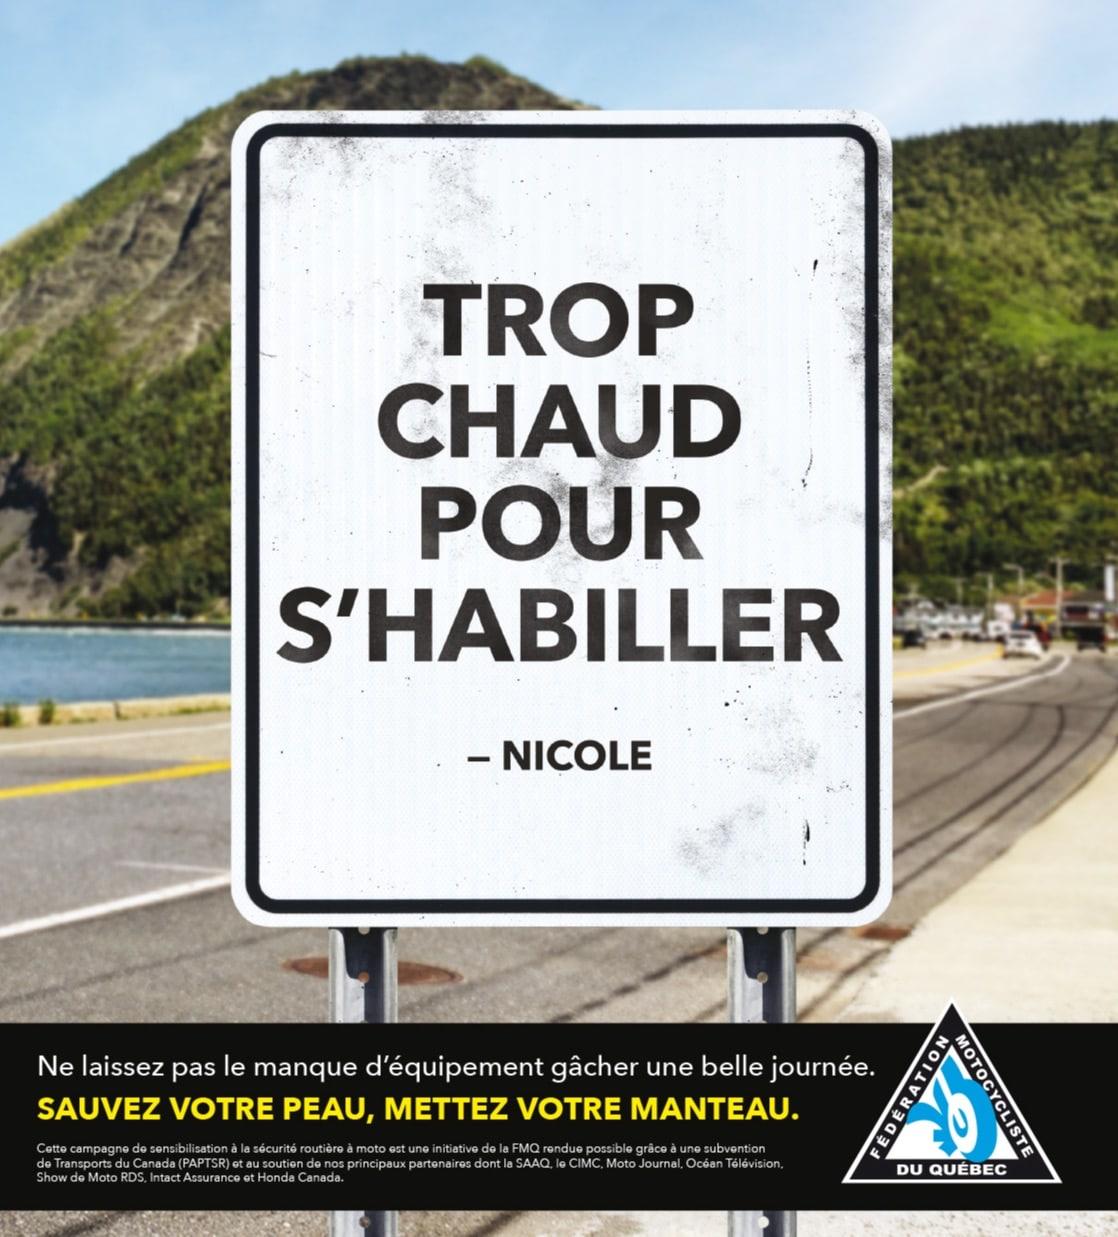 La nouvelle campagne de la FMQ. Source: https://www.fmq.ca/fr/